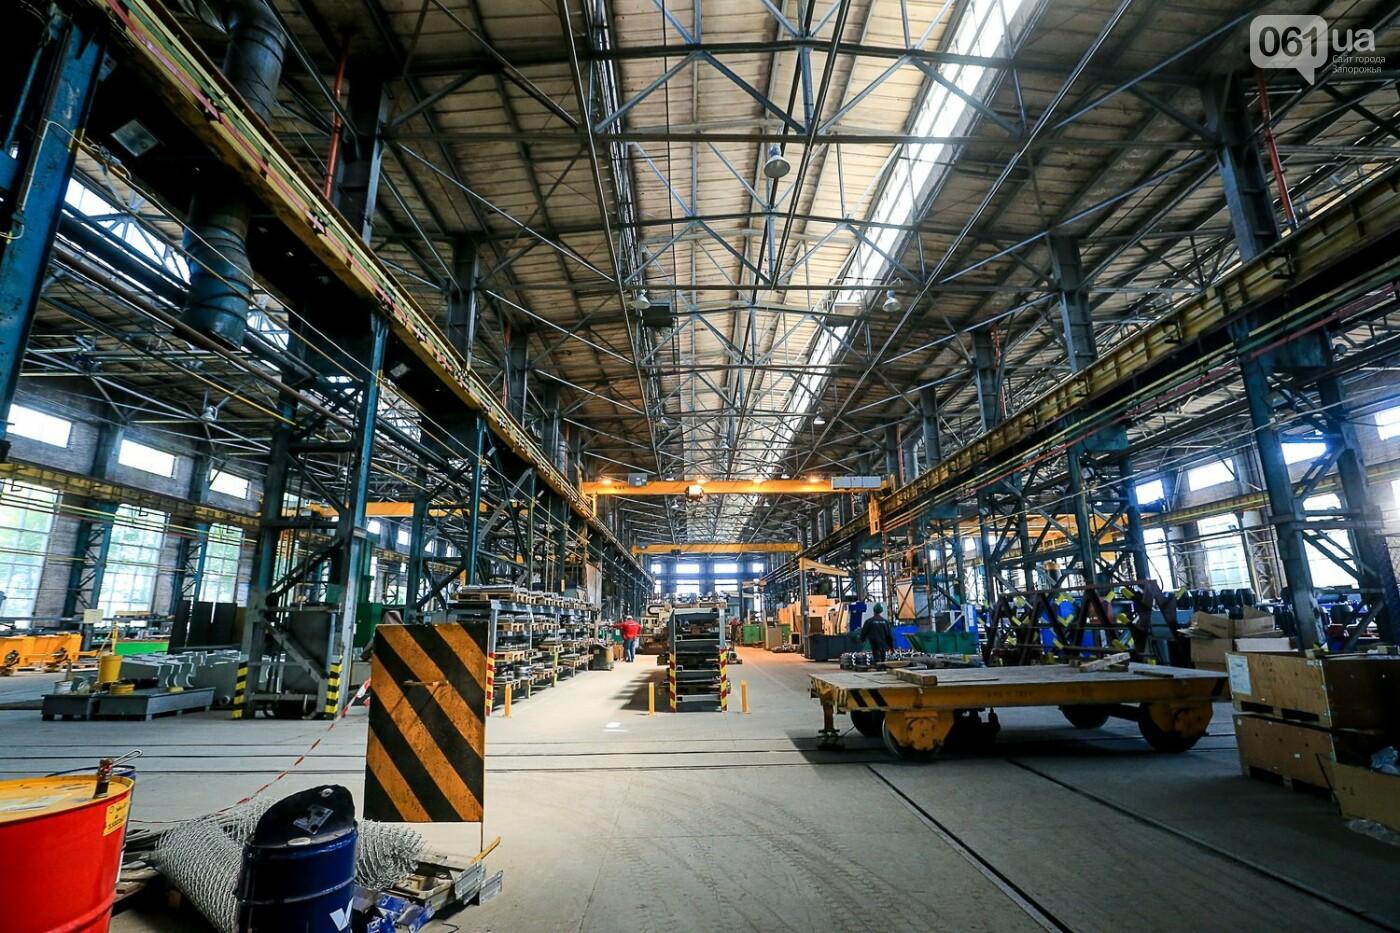 Как в Запорожье работает крупнейший в Европе завод по производству кранов: экскурсия на производство, — ФОТОРЕПОРТАЖ, фото-3